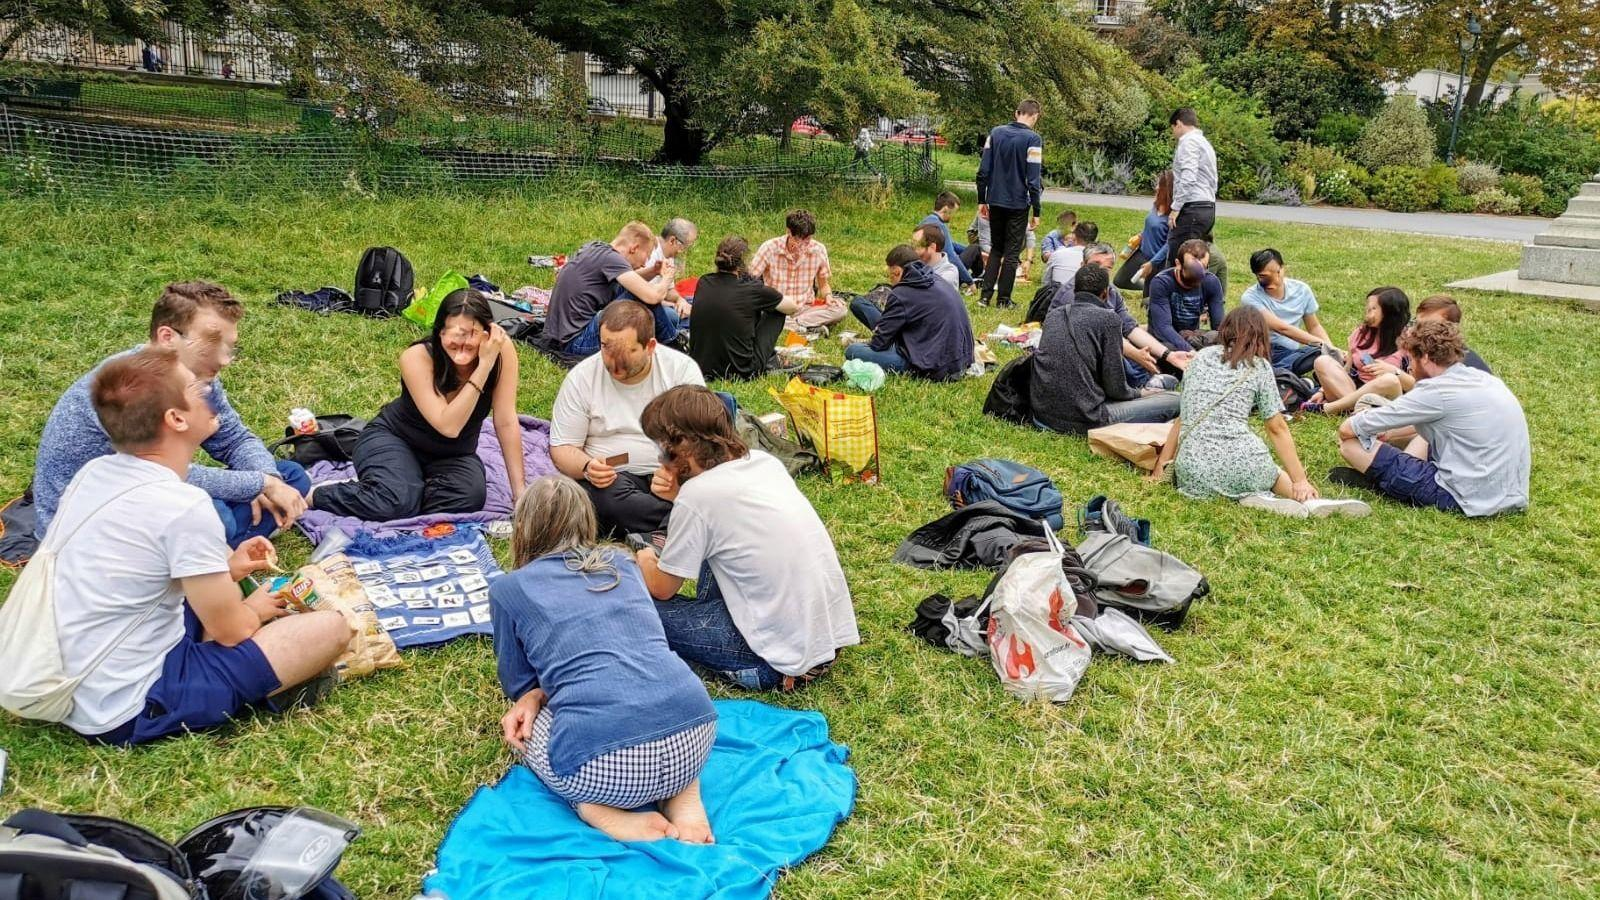 Après-midi pique-nique/jeux au parc Montsouris !